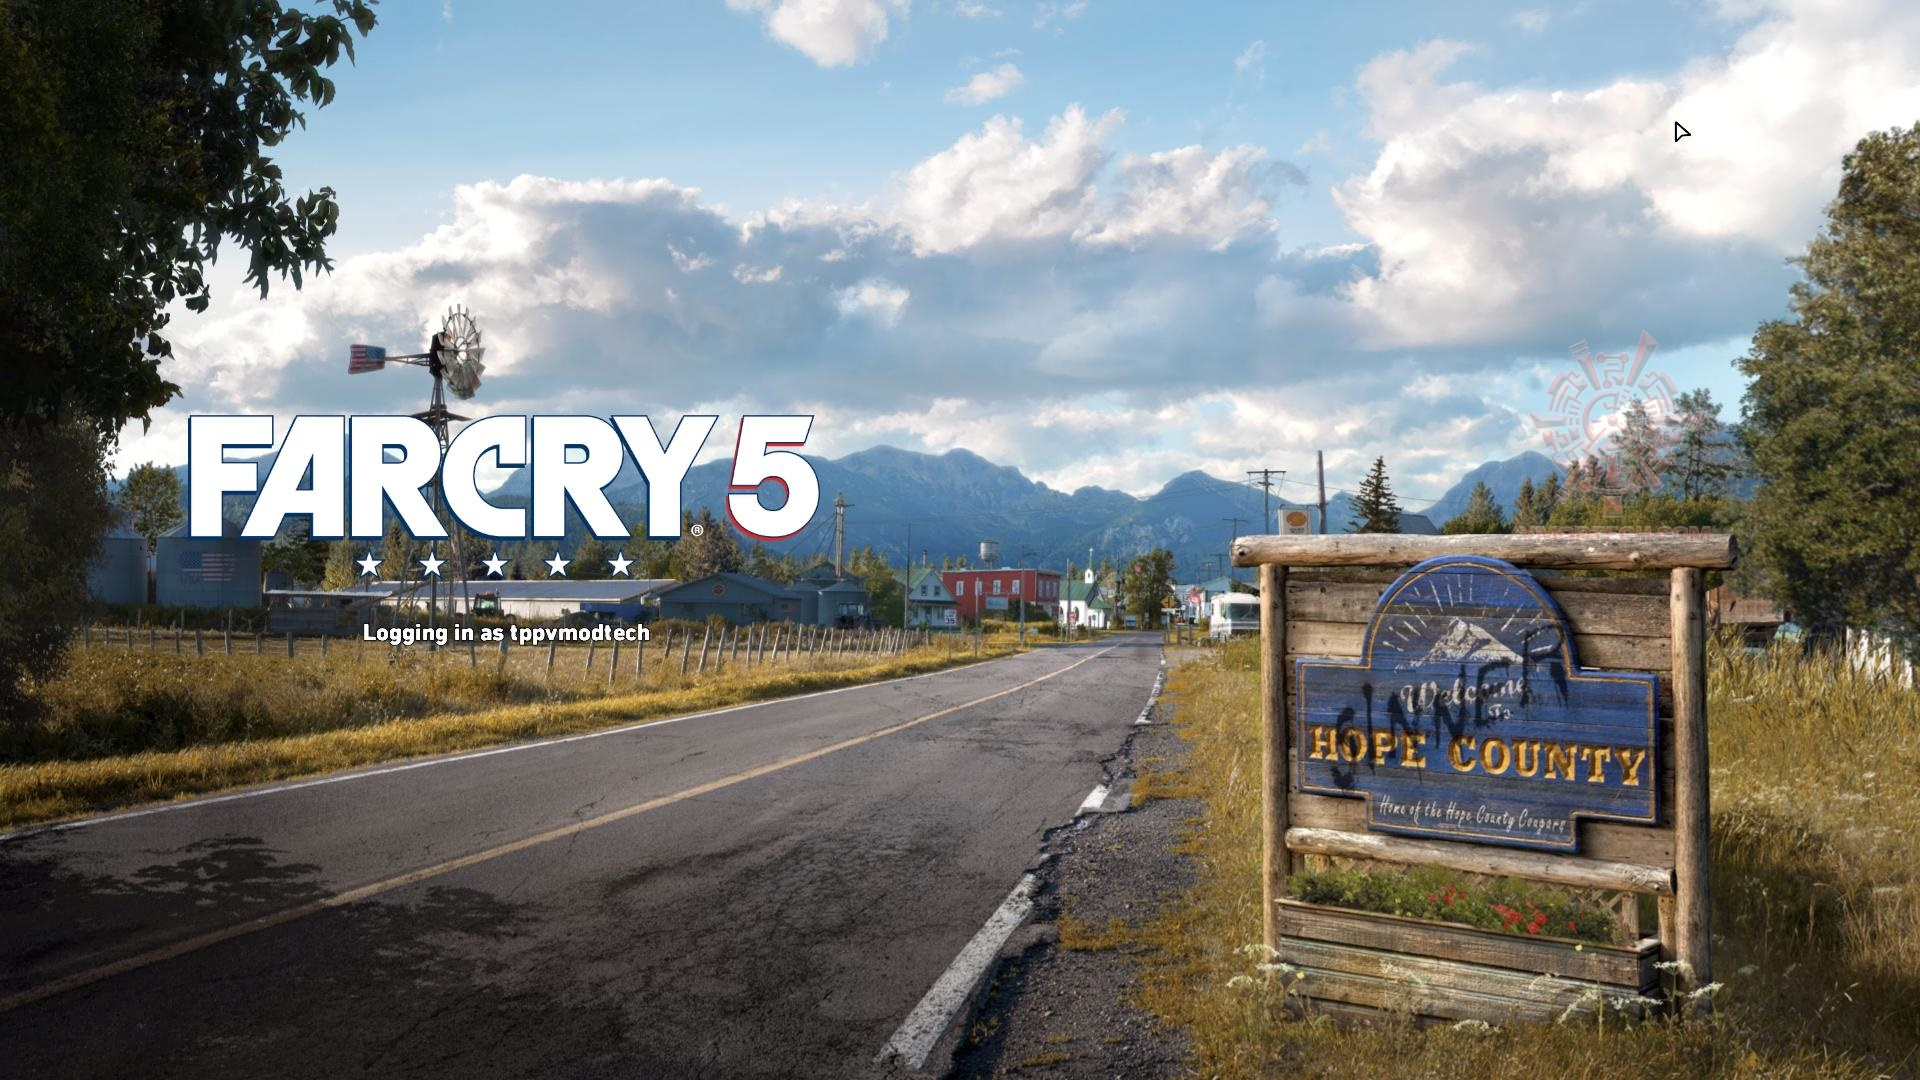 farcry5-2019-03-08-20-05-41-67